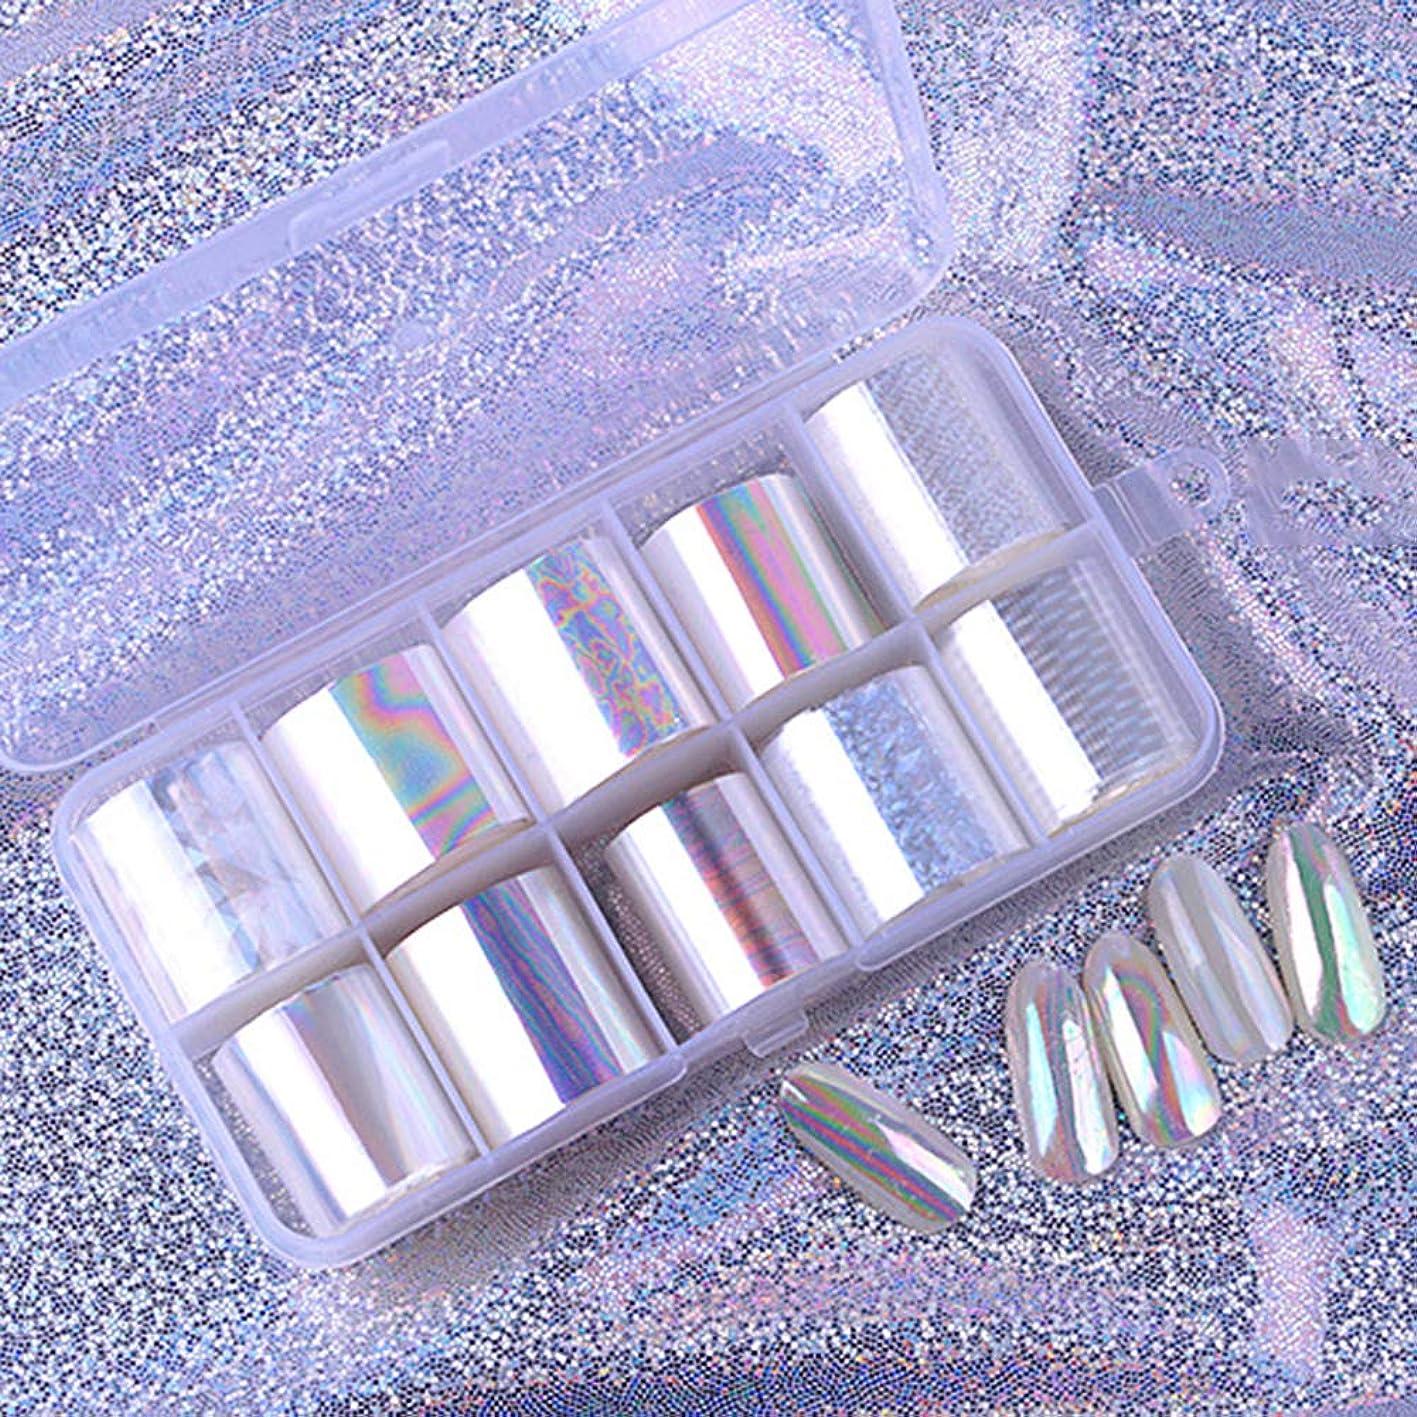 アラスカ処理するおっとOurine ネイルステッカー ネイルスター紙パッケージリーフレット 光沢のある星空紙 ネイルアートジェルセット ポーランドUV LEDゲル ネイルポリッシュ ネイルシール テープ ネイル 10枚セット 収納ケース